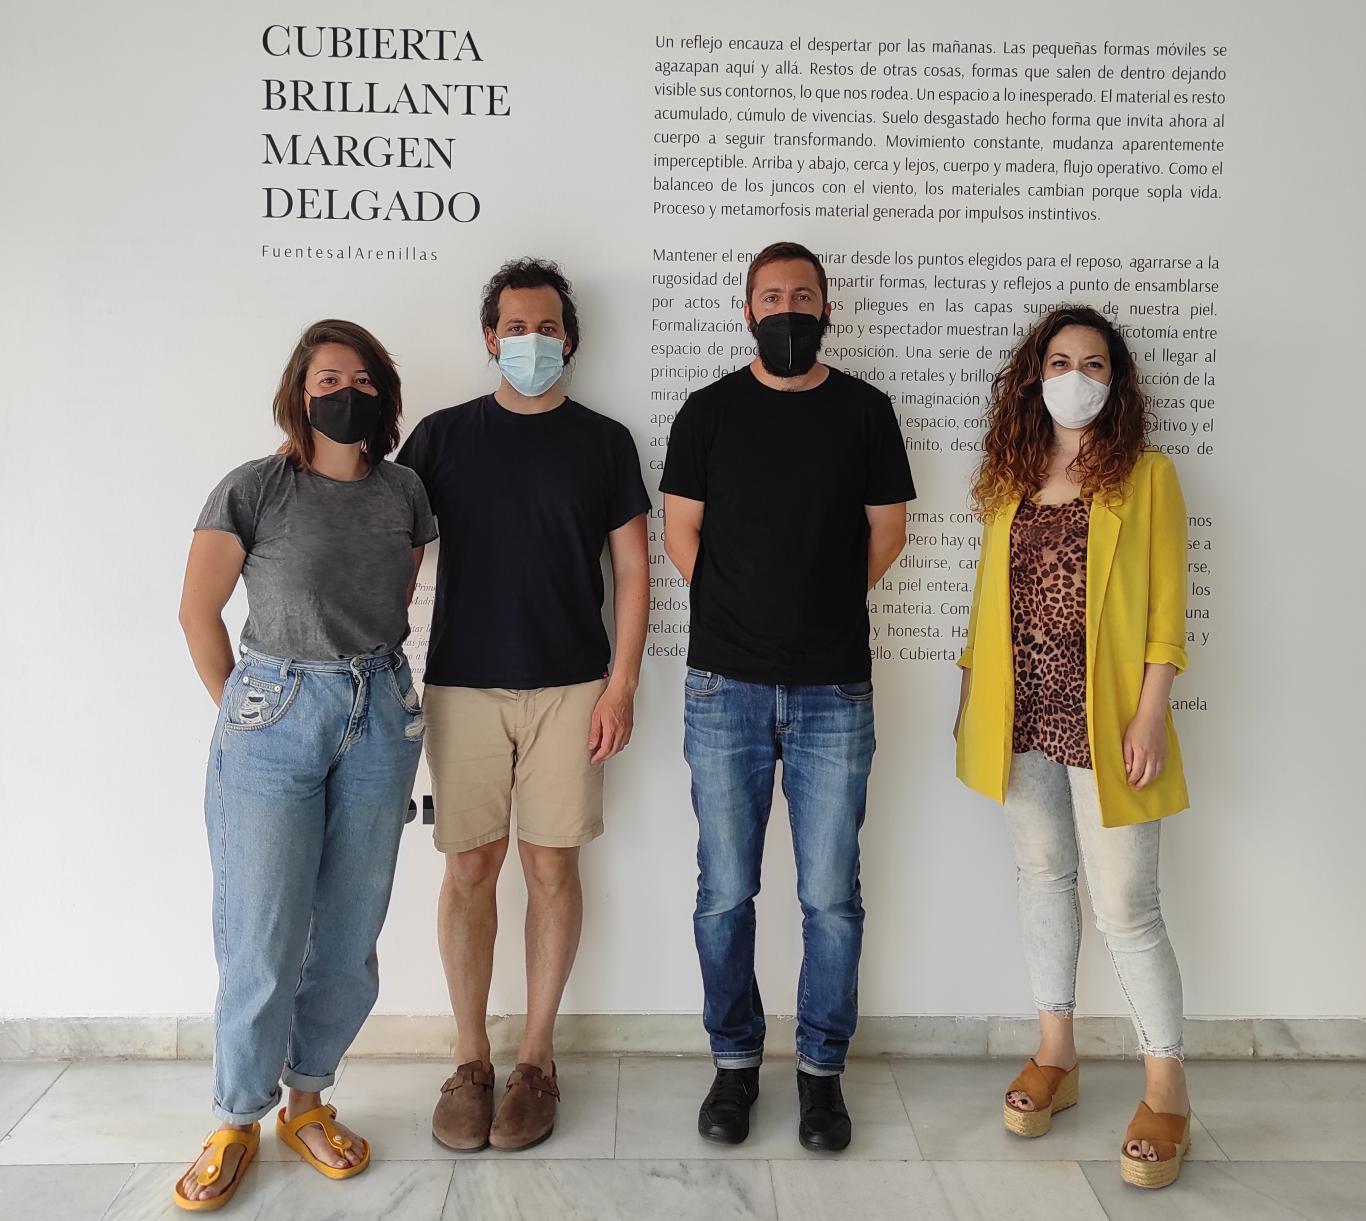 Retrato de cuatro personas frente al cartel de la exposición